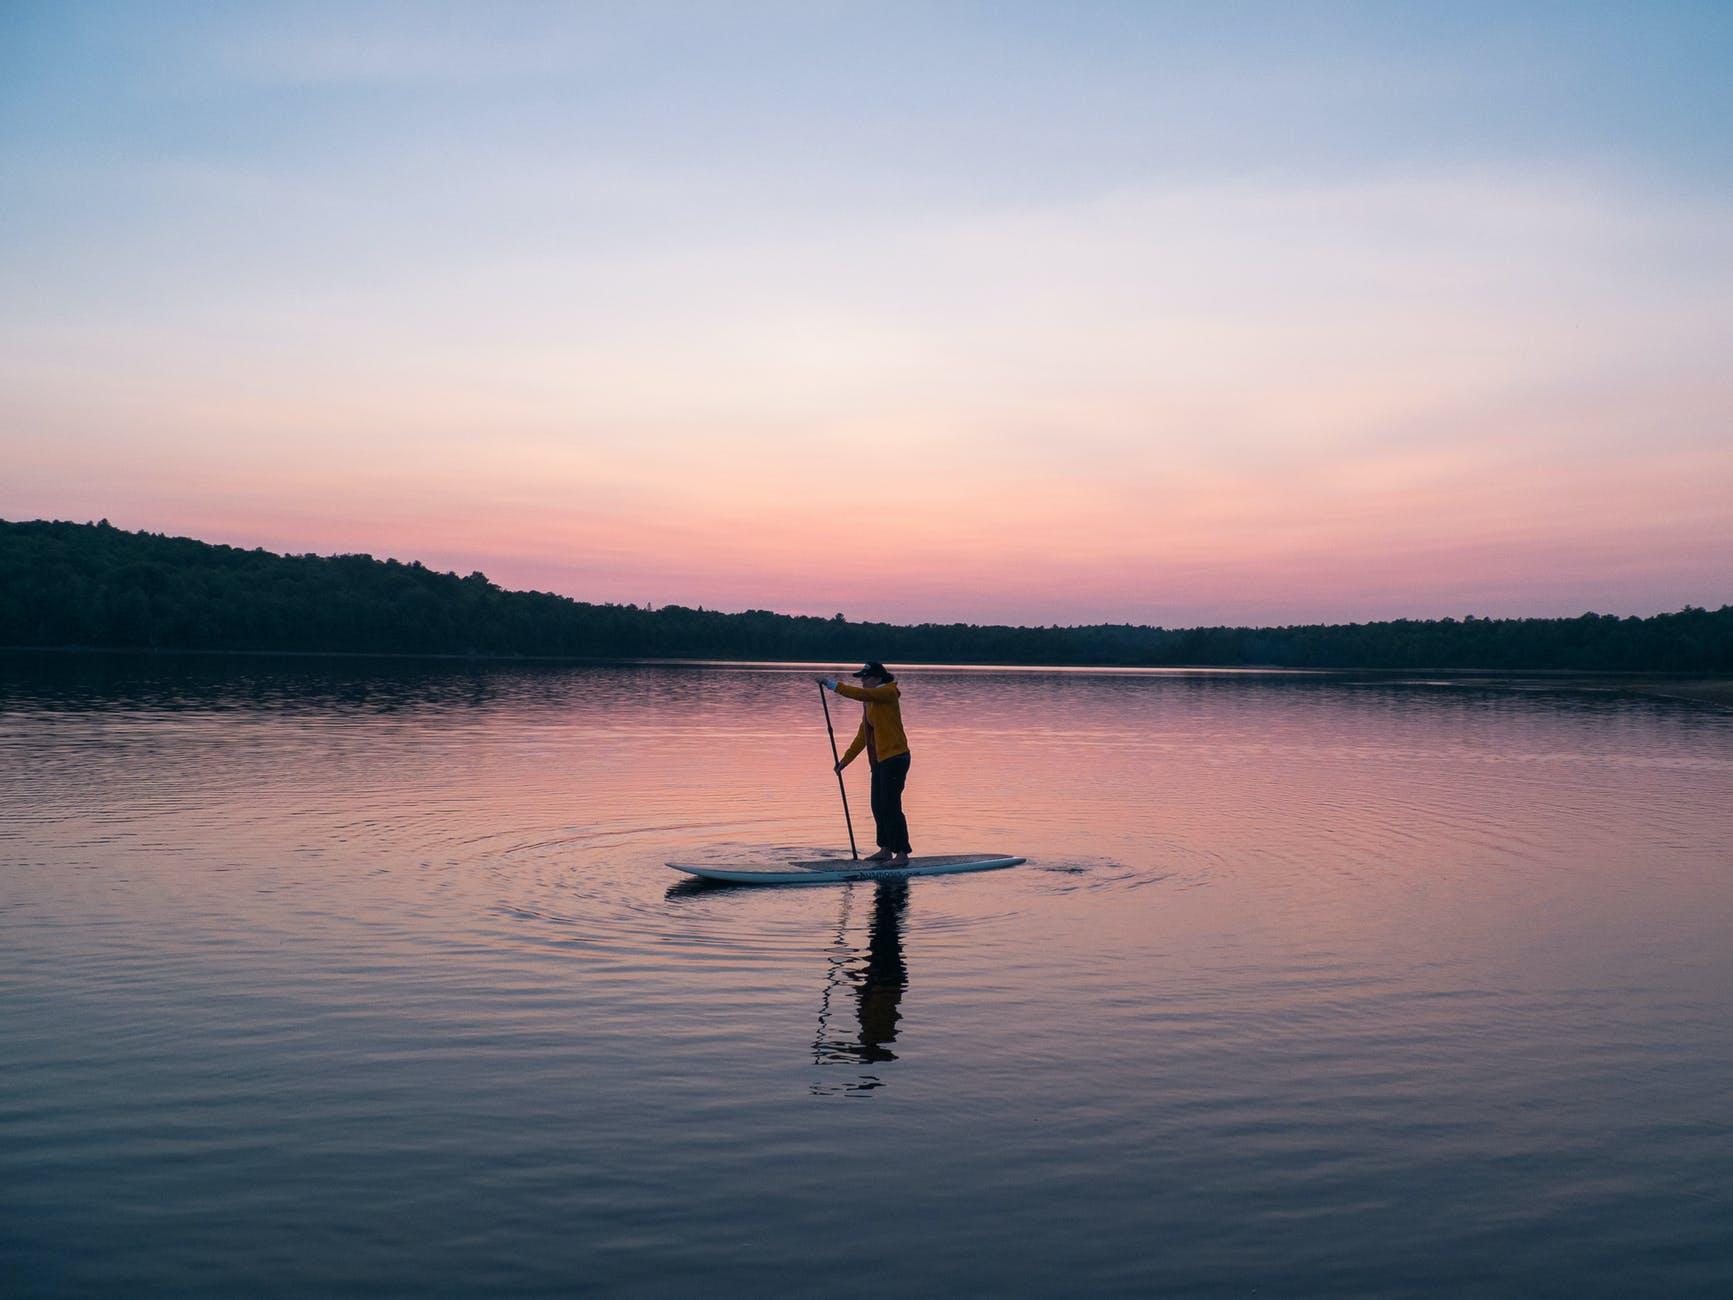 Mit einem festen Board aus Holz, Epoxidharz oder Karbon seht Ihr auf dem Wasser nicht nur cooler aus, Ihr könnt auch etwas für die Umwelt tun. Denn aufblasblare Boards aus Kunststoff enthalten häufig schädliche Weichmacher. Foto: Pexels.com